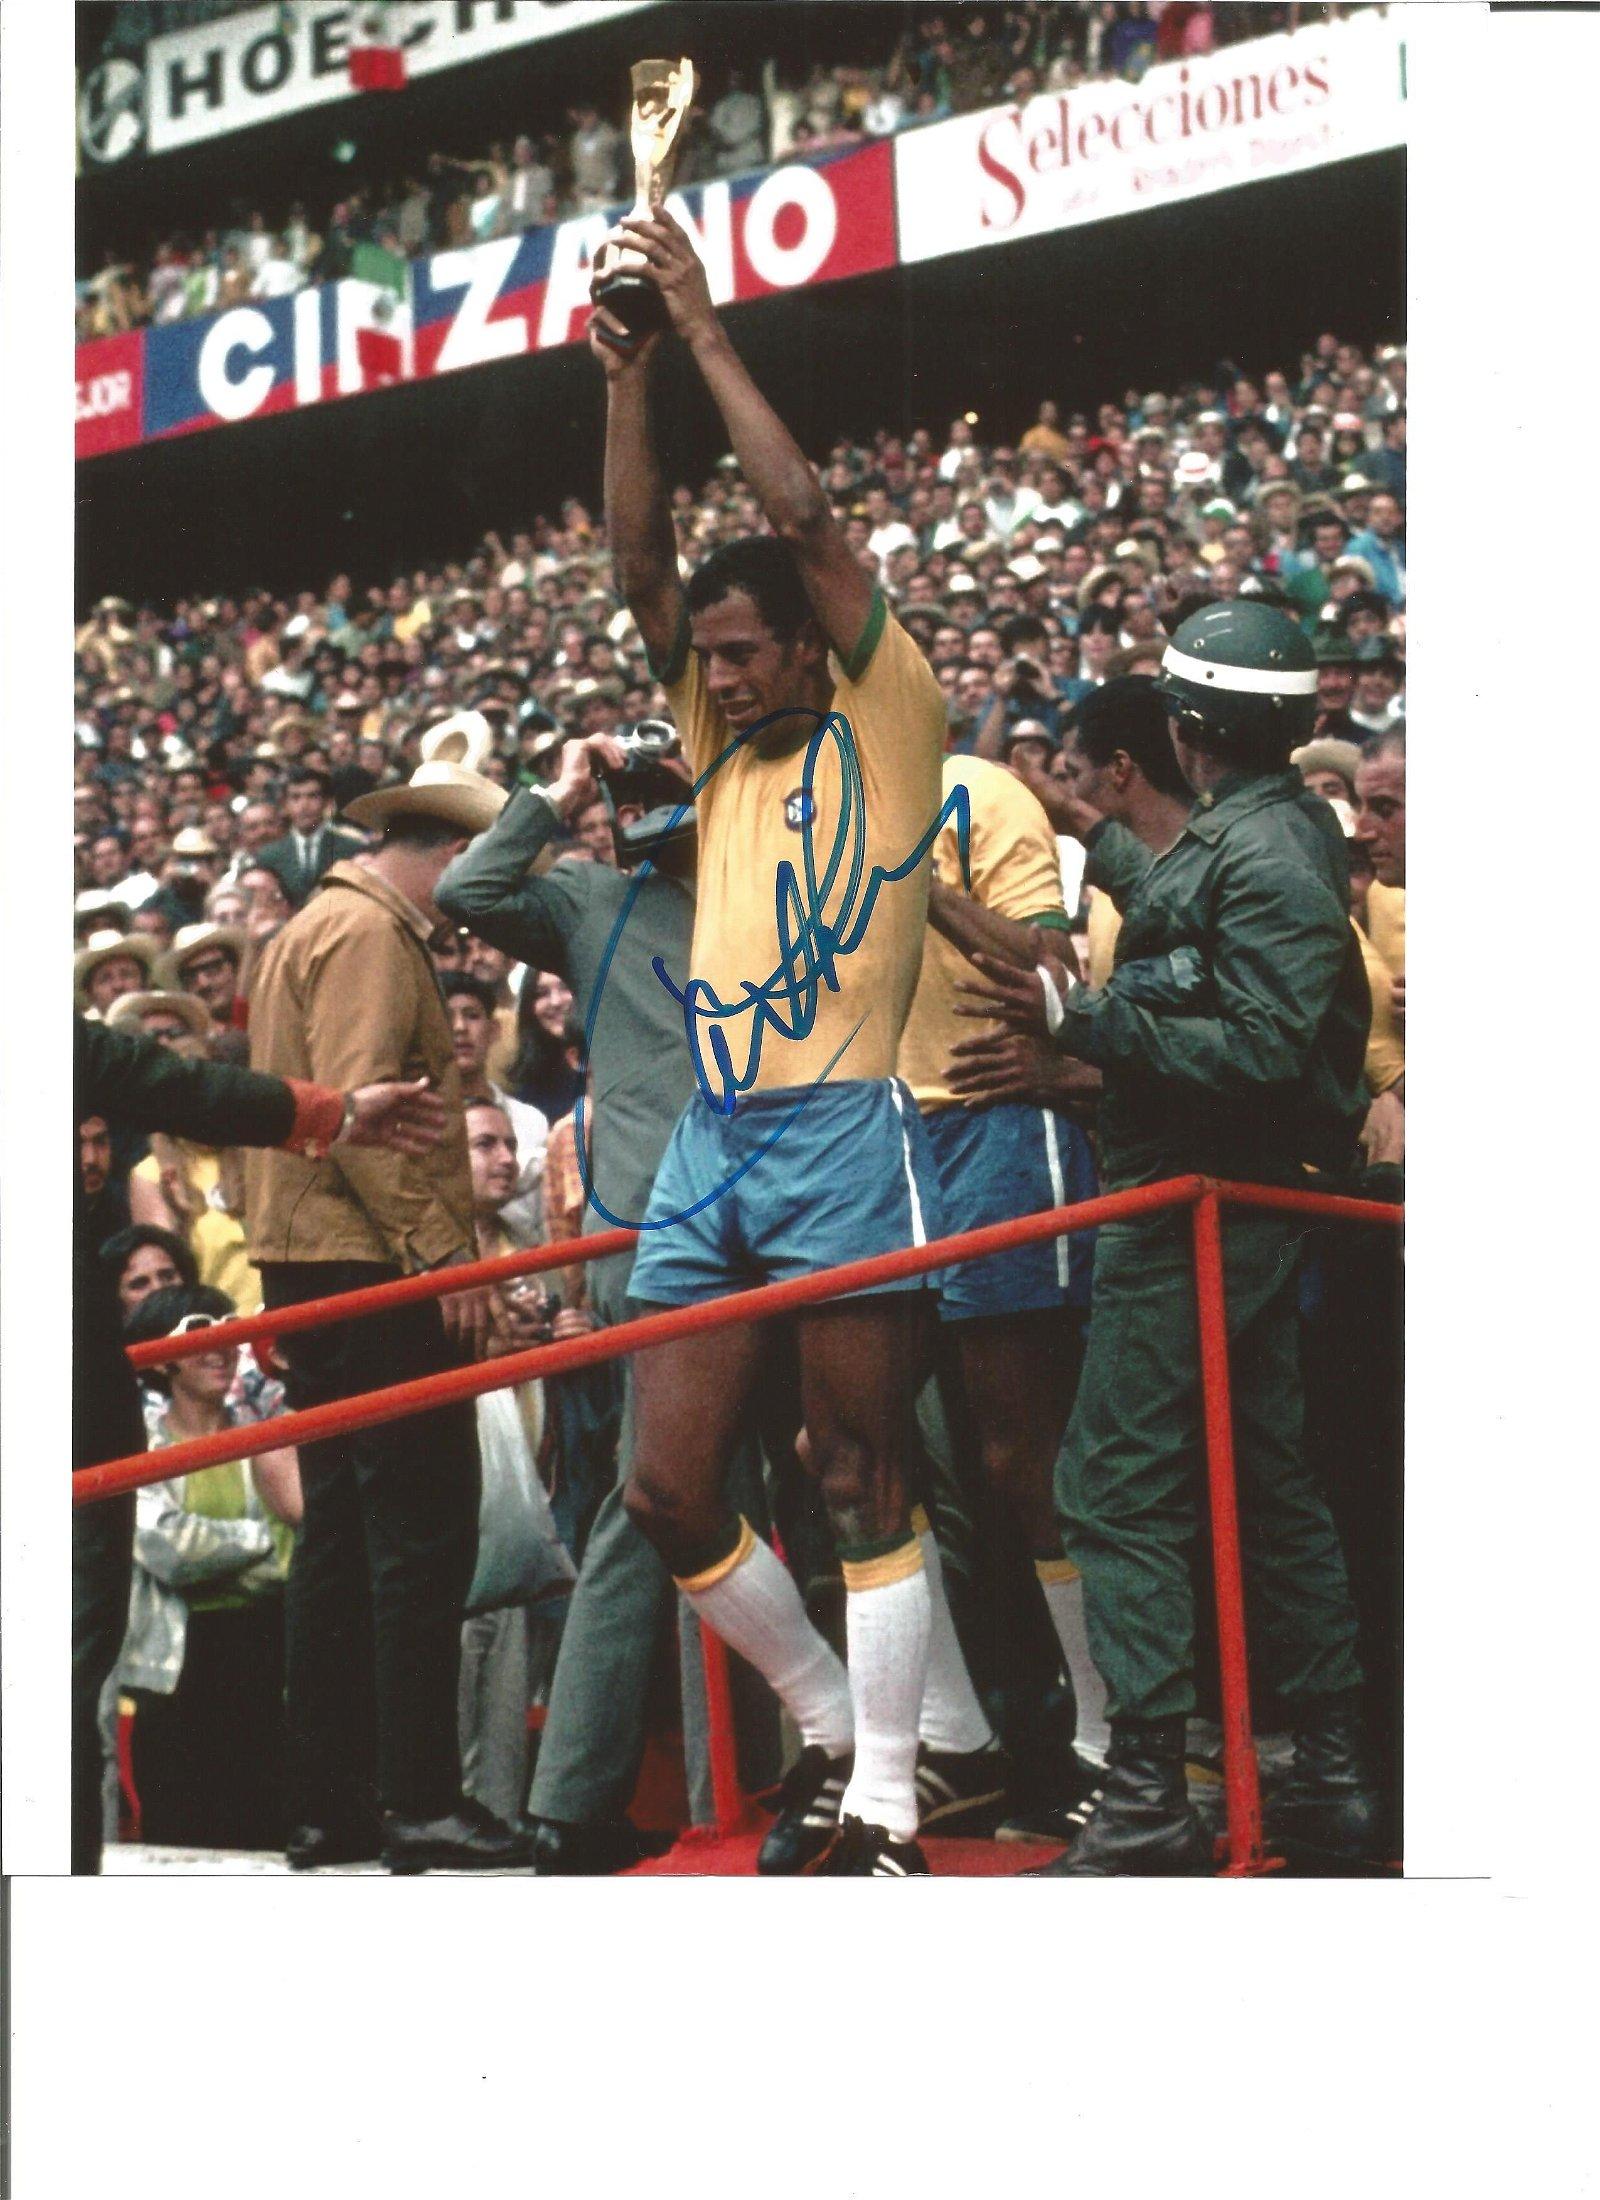 Carlos Alberto Brazil Signed 10 x 8 inch colour